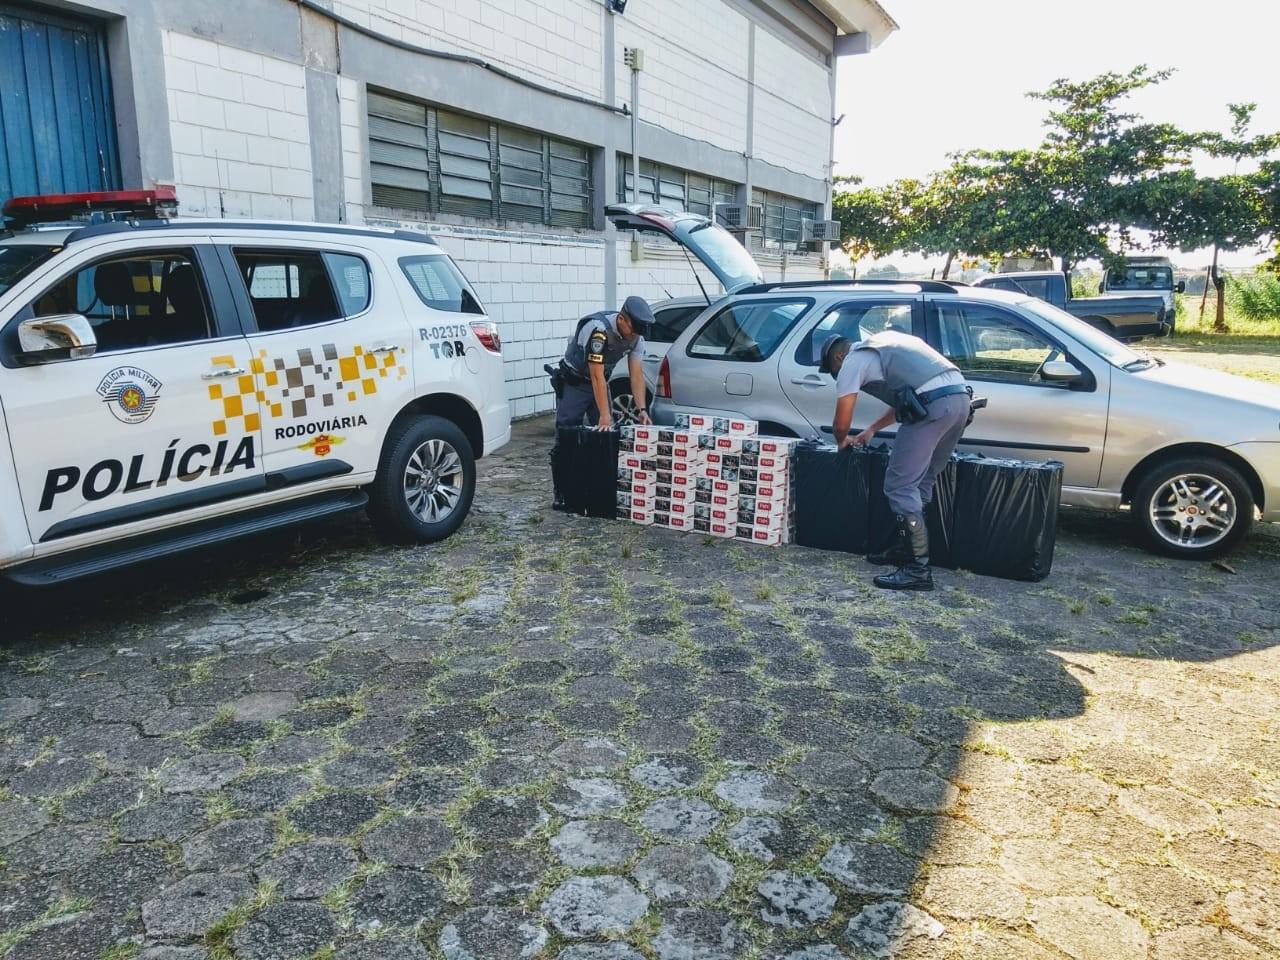 Polícia Rodoviária apreende mais de 3 mil maços de cigarros em rodovia de Marília